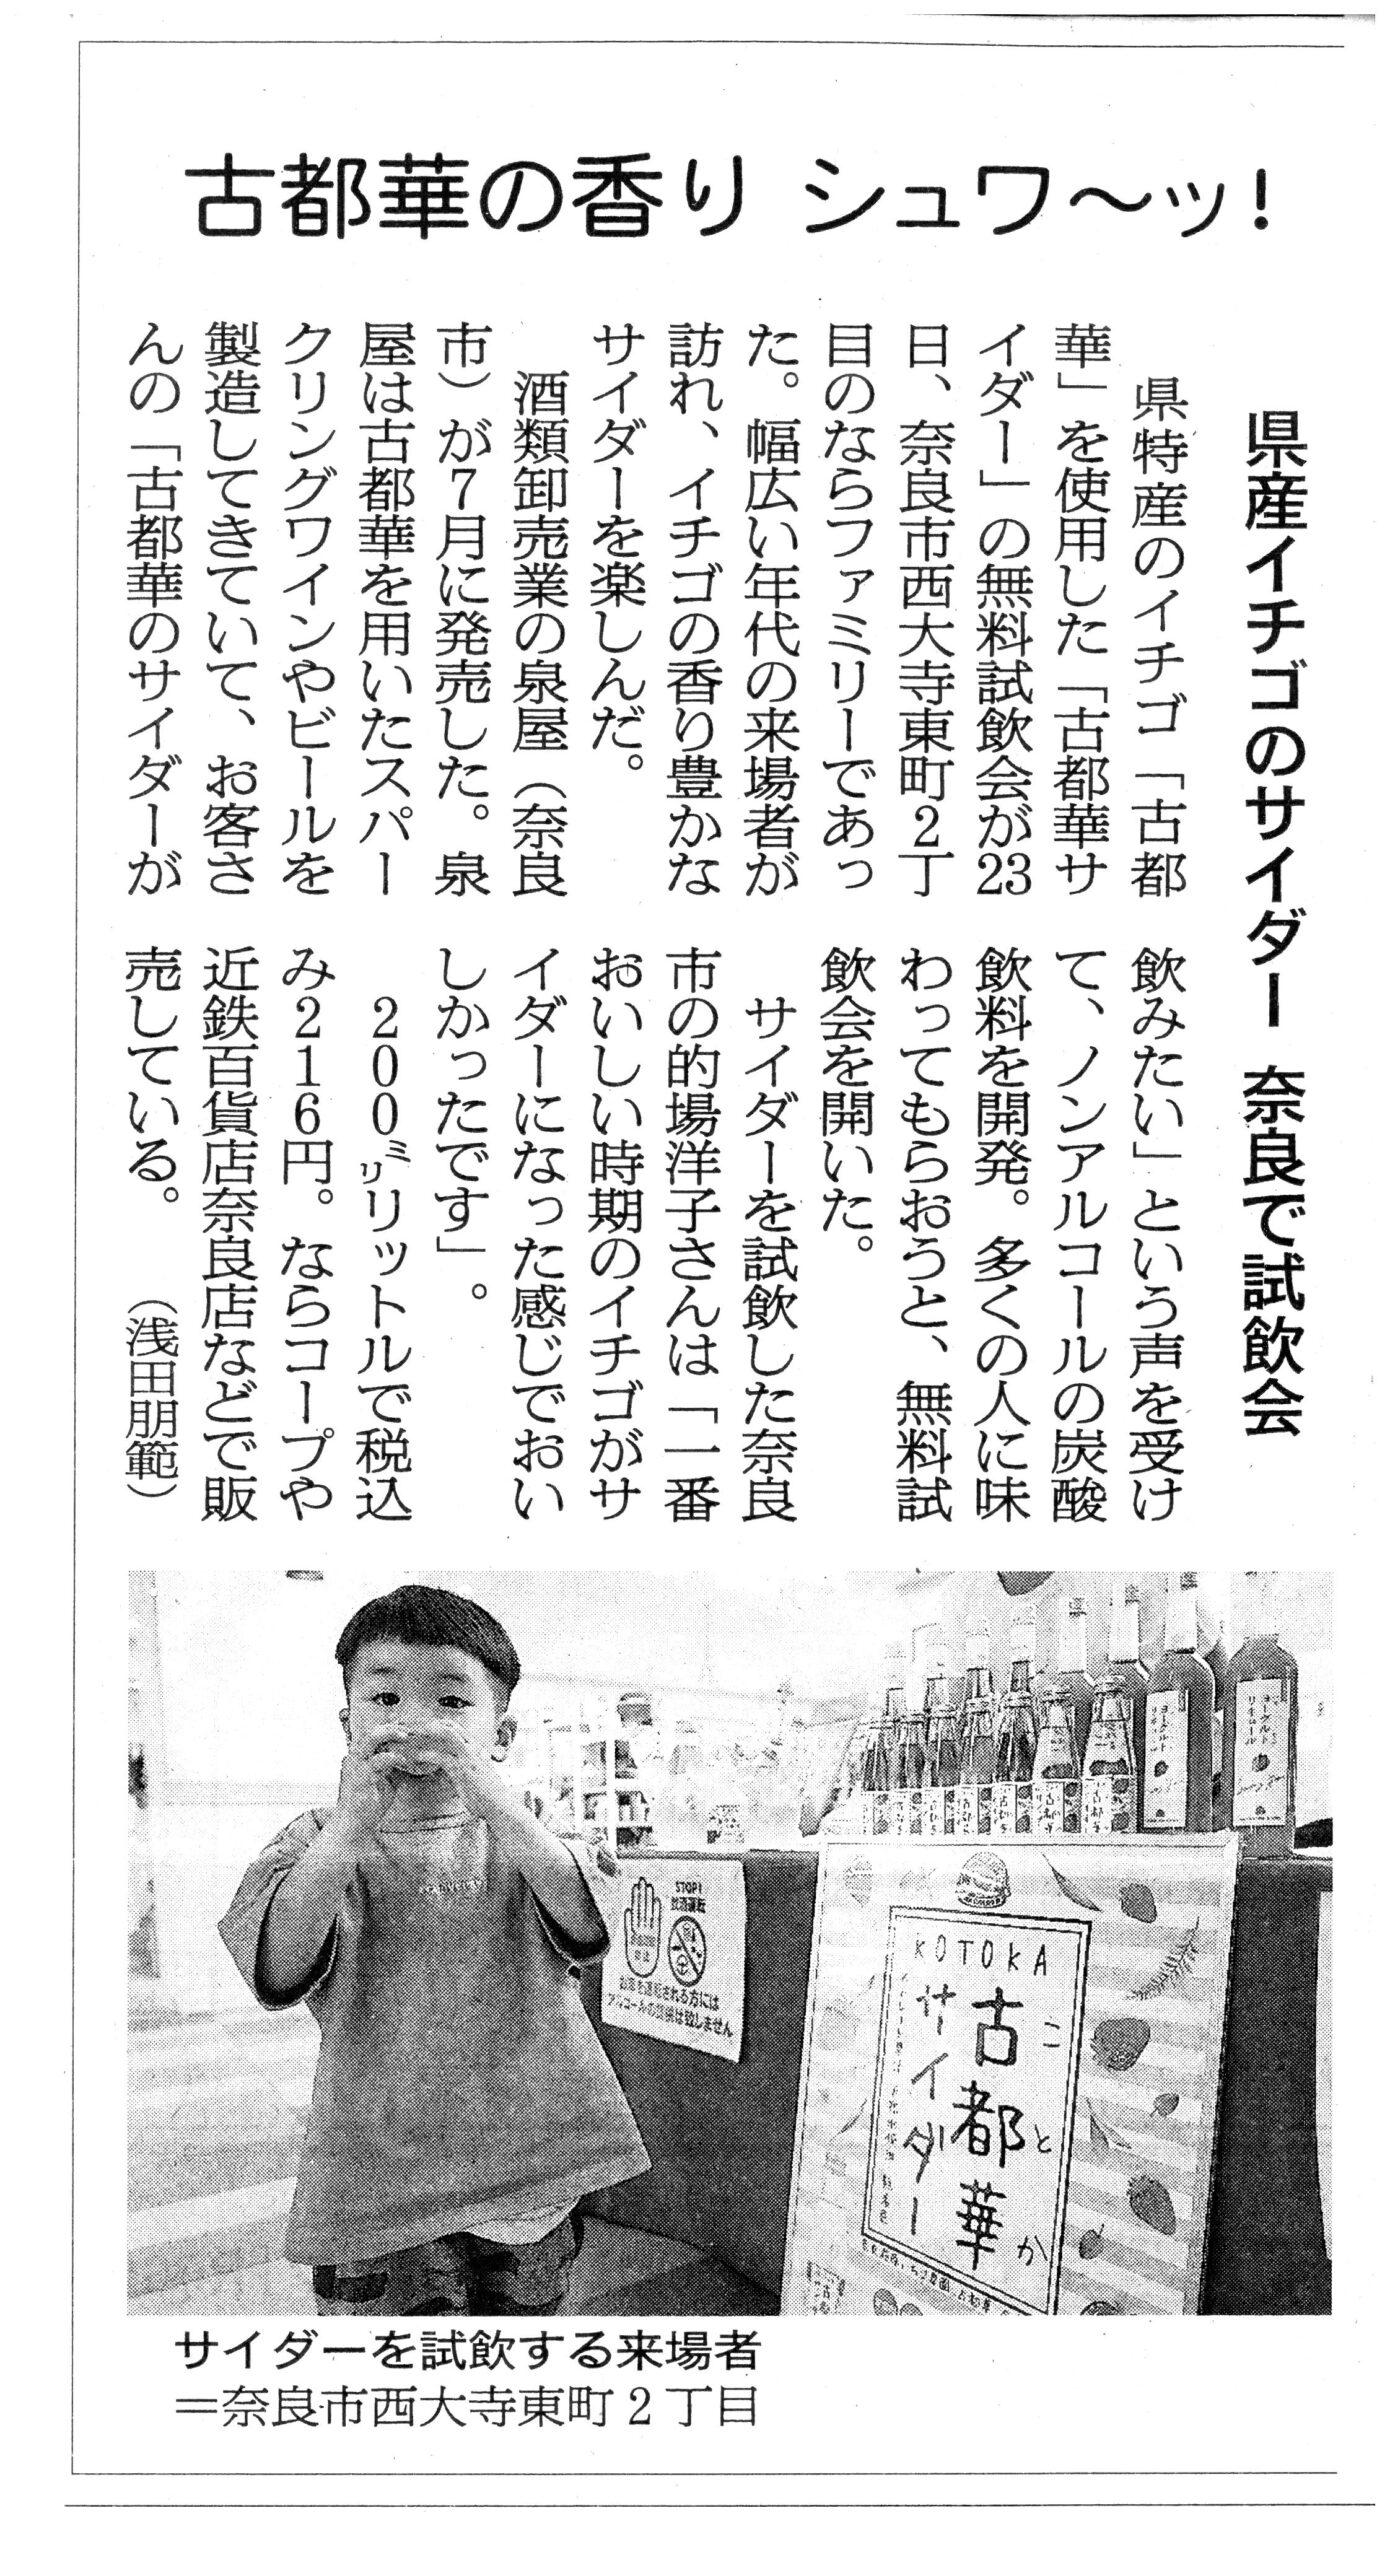 朝日新聞に『古都華あわあわフェア』が掲載されました!